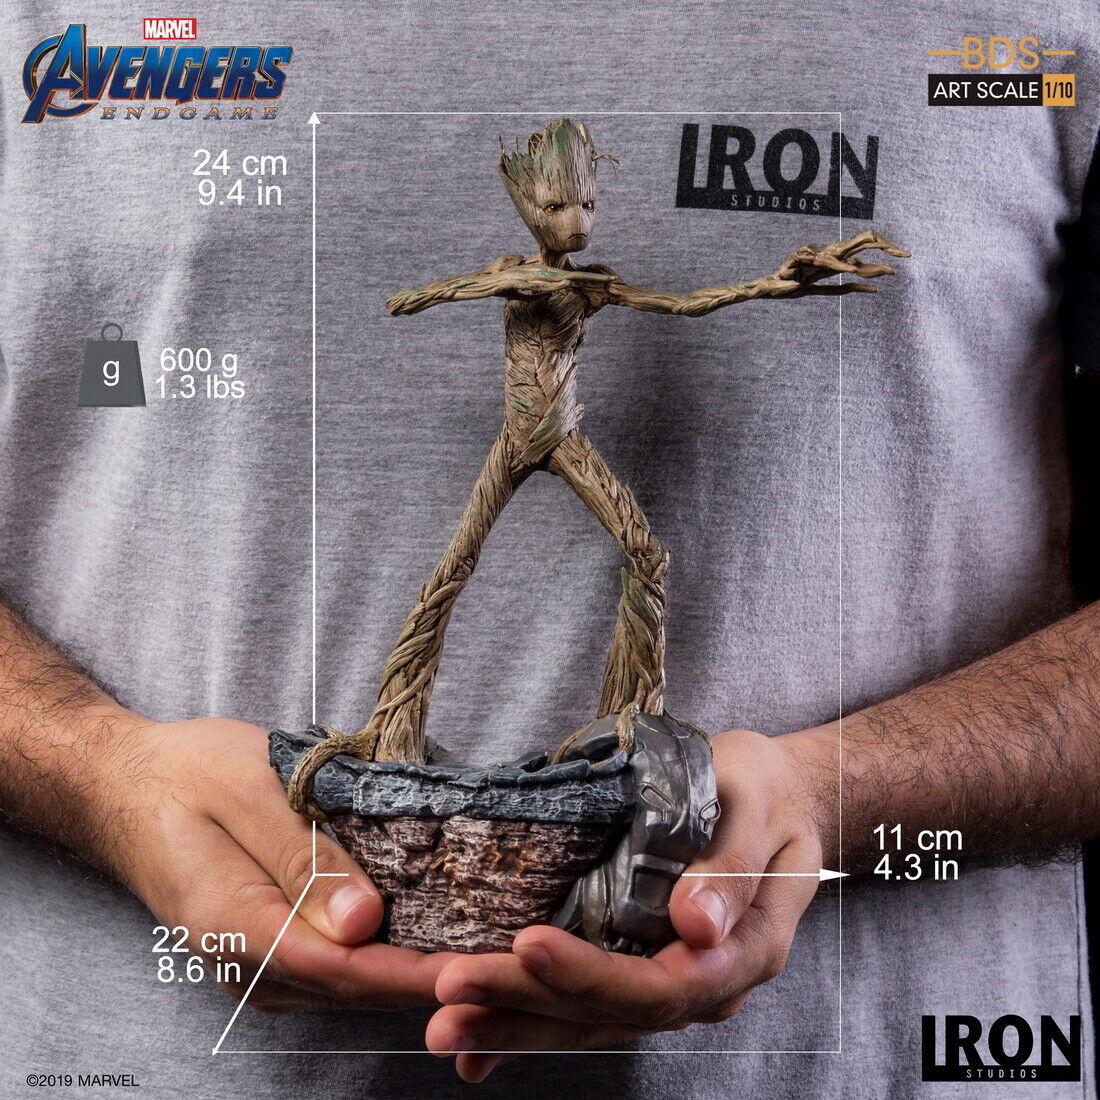 Iron Studios Groot bds Arte Escala 1 10 Vengadores  Tacho Figura Muñeca Modelo